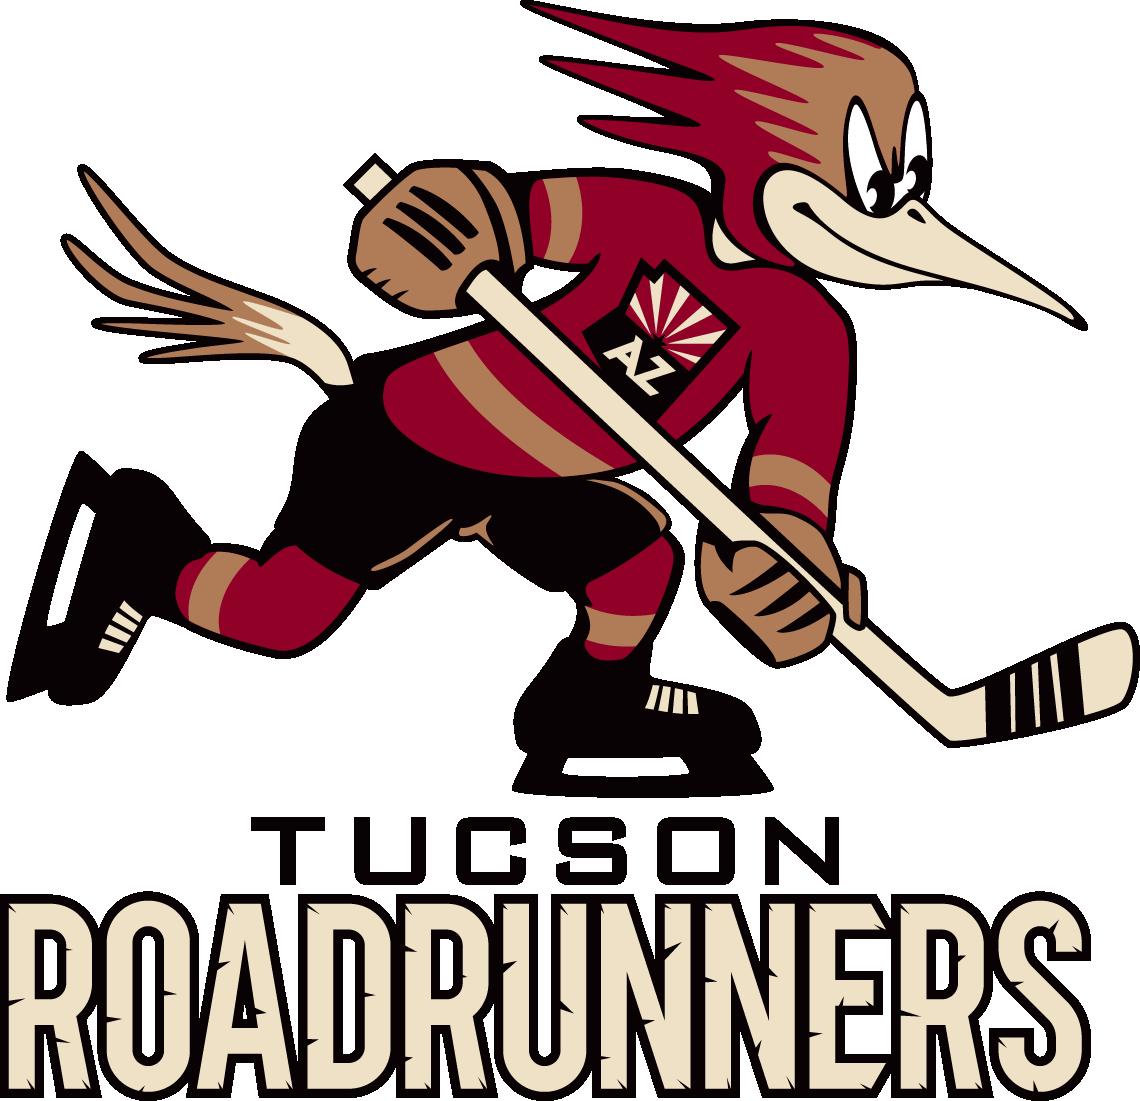 tucson_roadrunners_2016-17